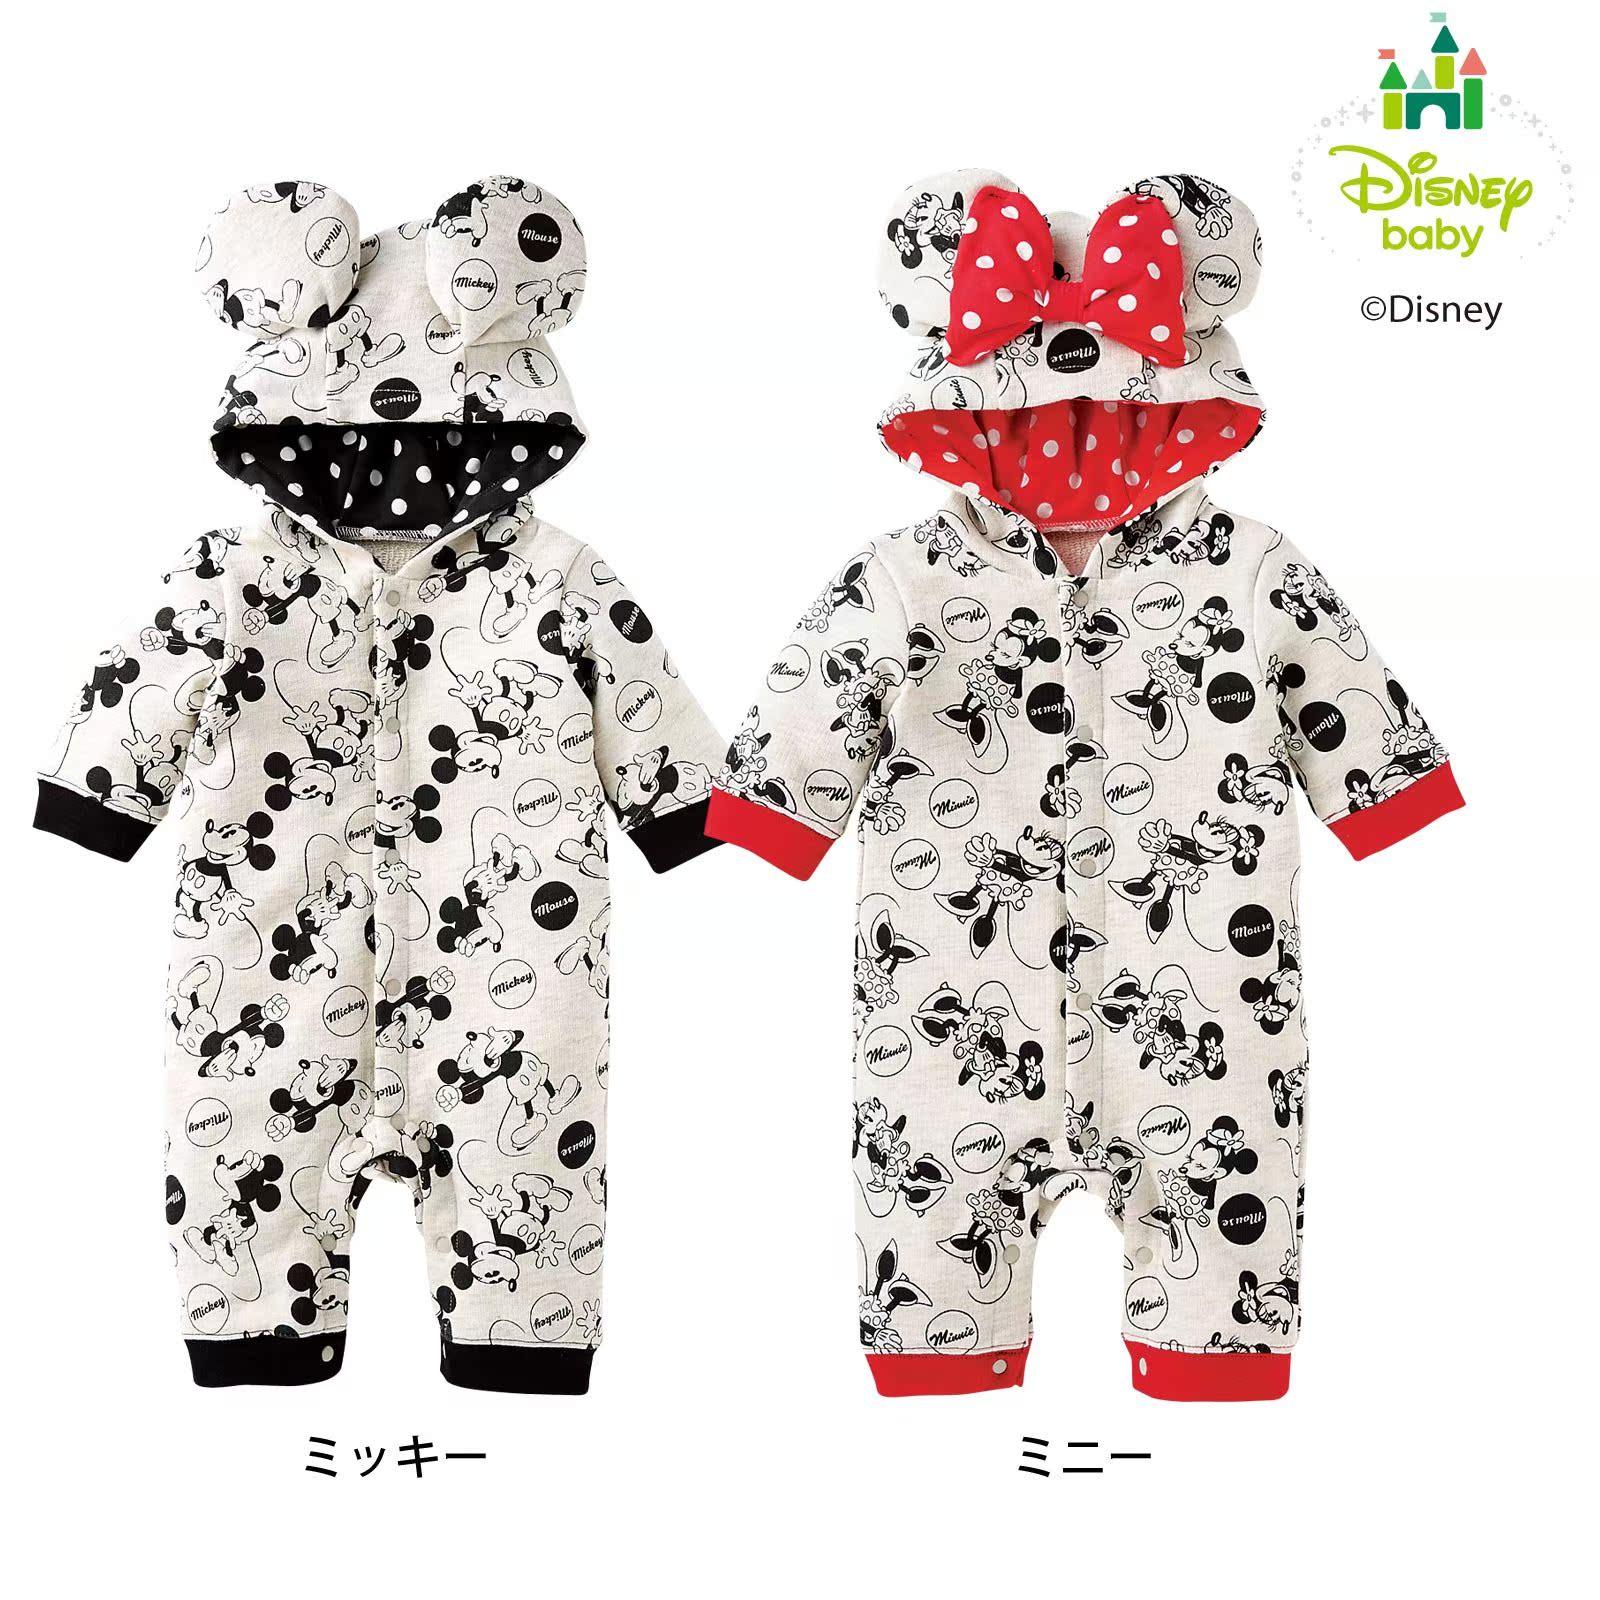 日本nissen童秋装小男女孩婴幼新生儿迪士印花尼连体衣哈衣爬服